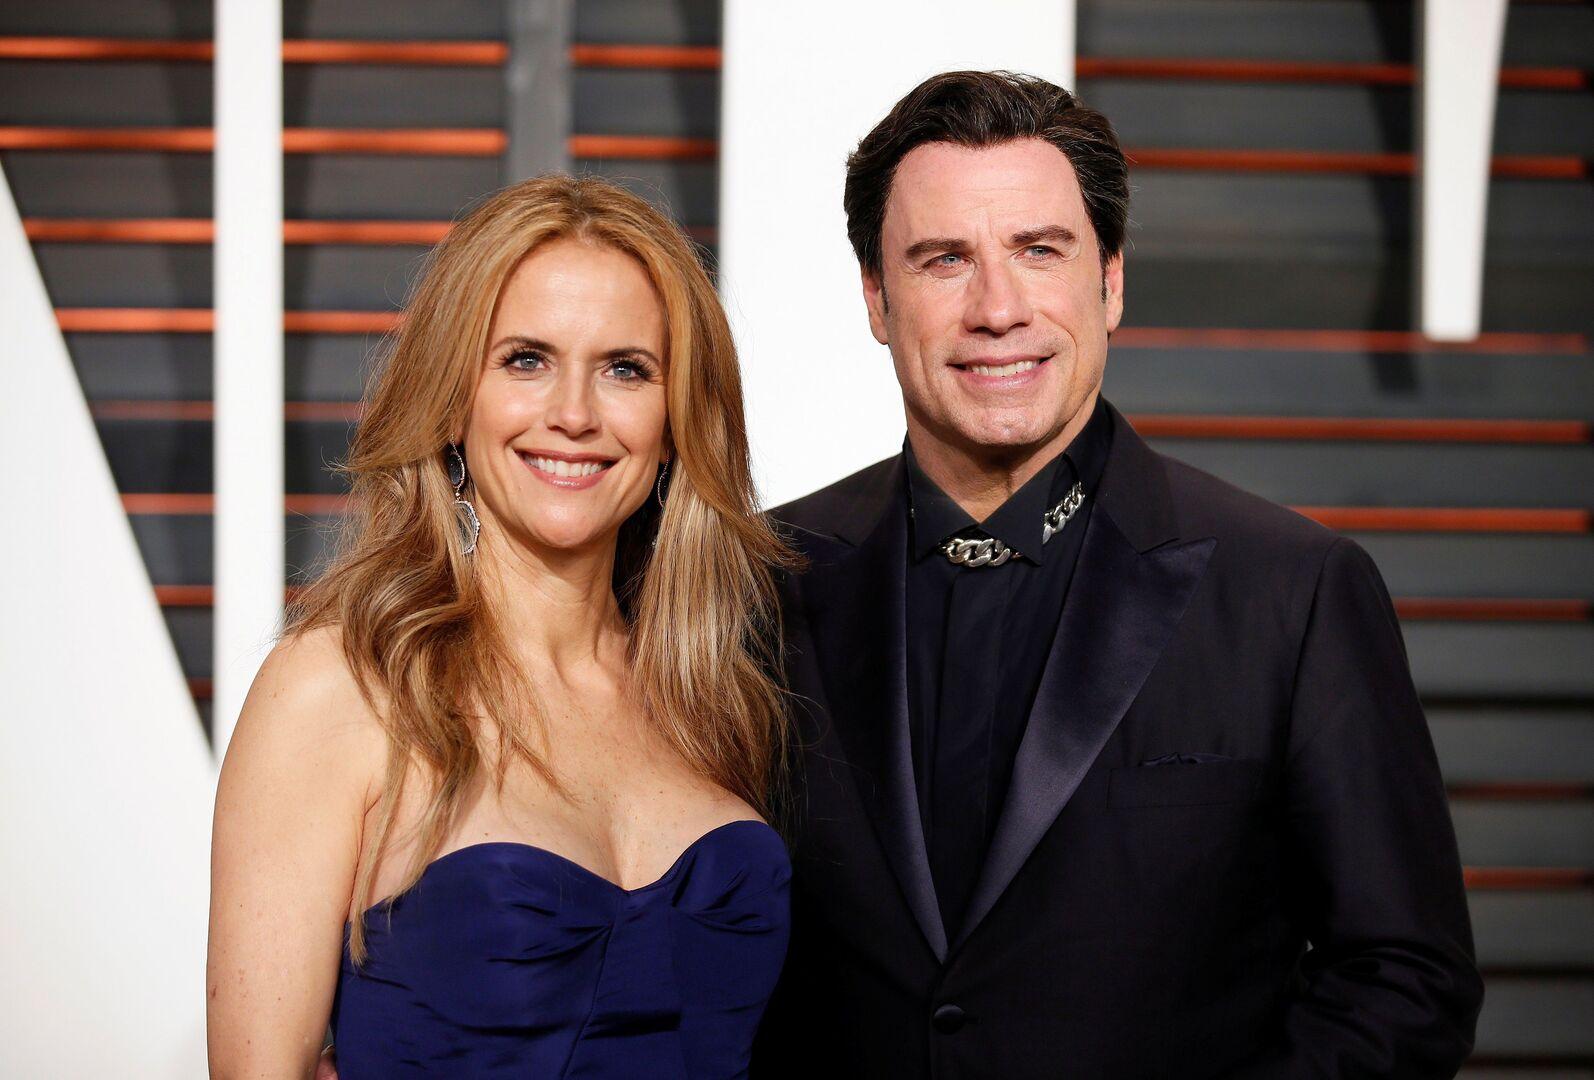 الممثل الأمريكي جون ترافولتا، وزوجته الممثلة الراحلة كيلي بريستون